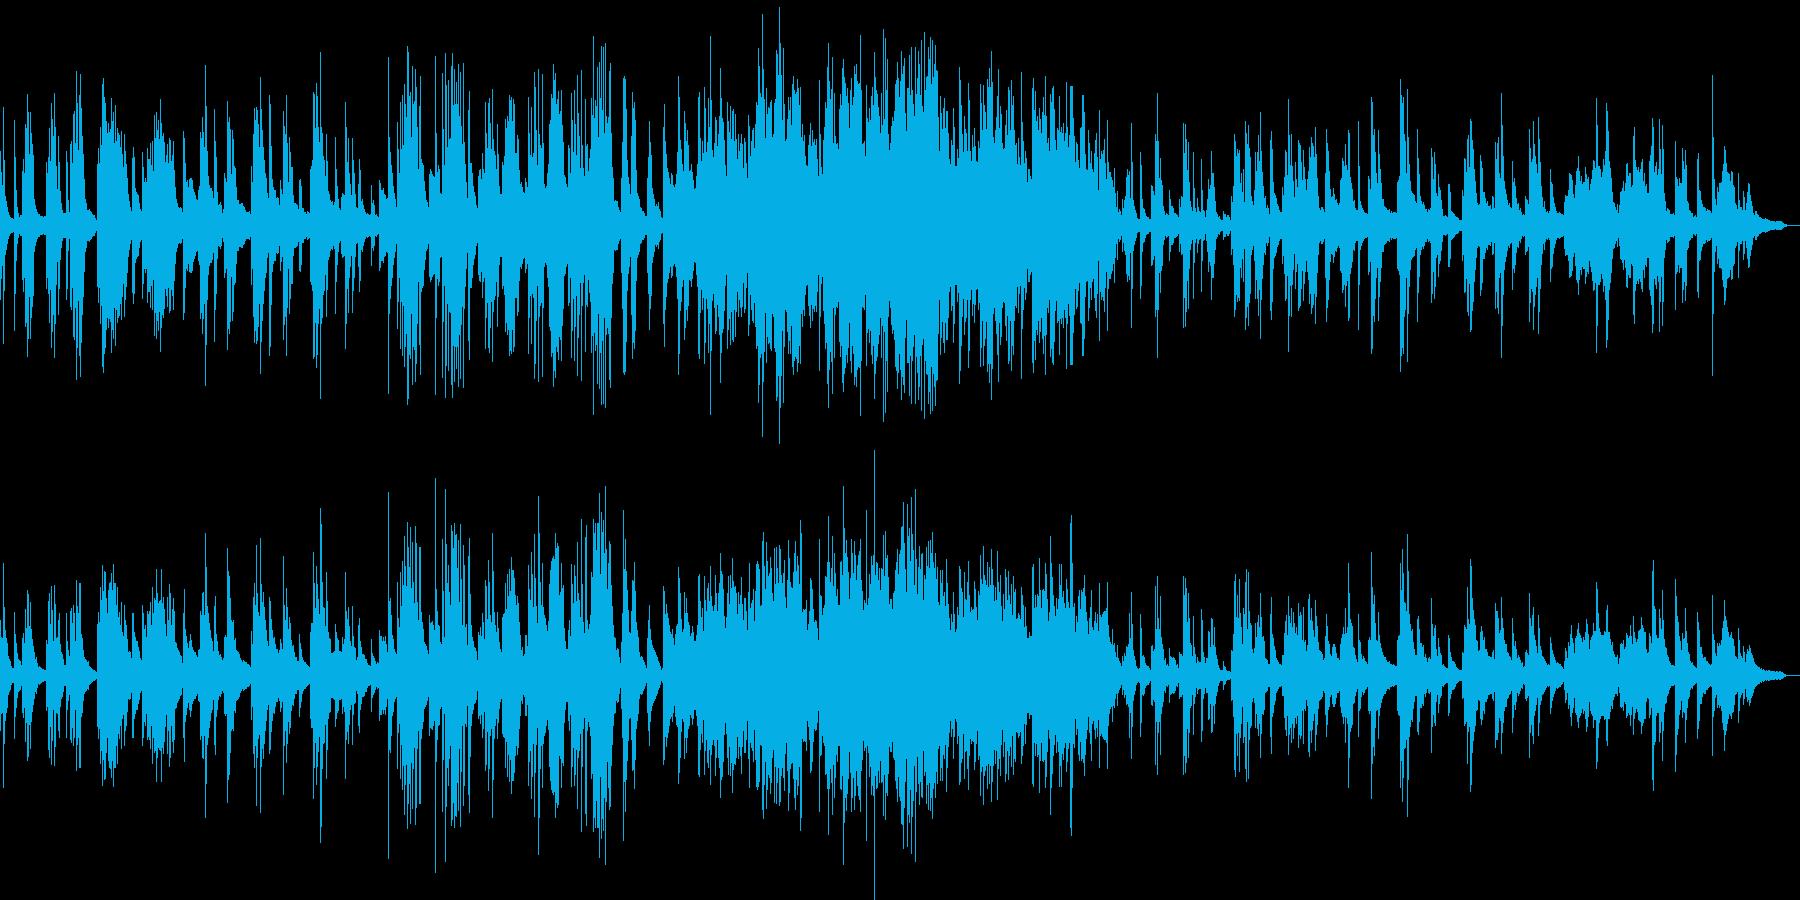 月の光 ドビュッシーのピアノ曲の再生済みの波形